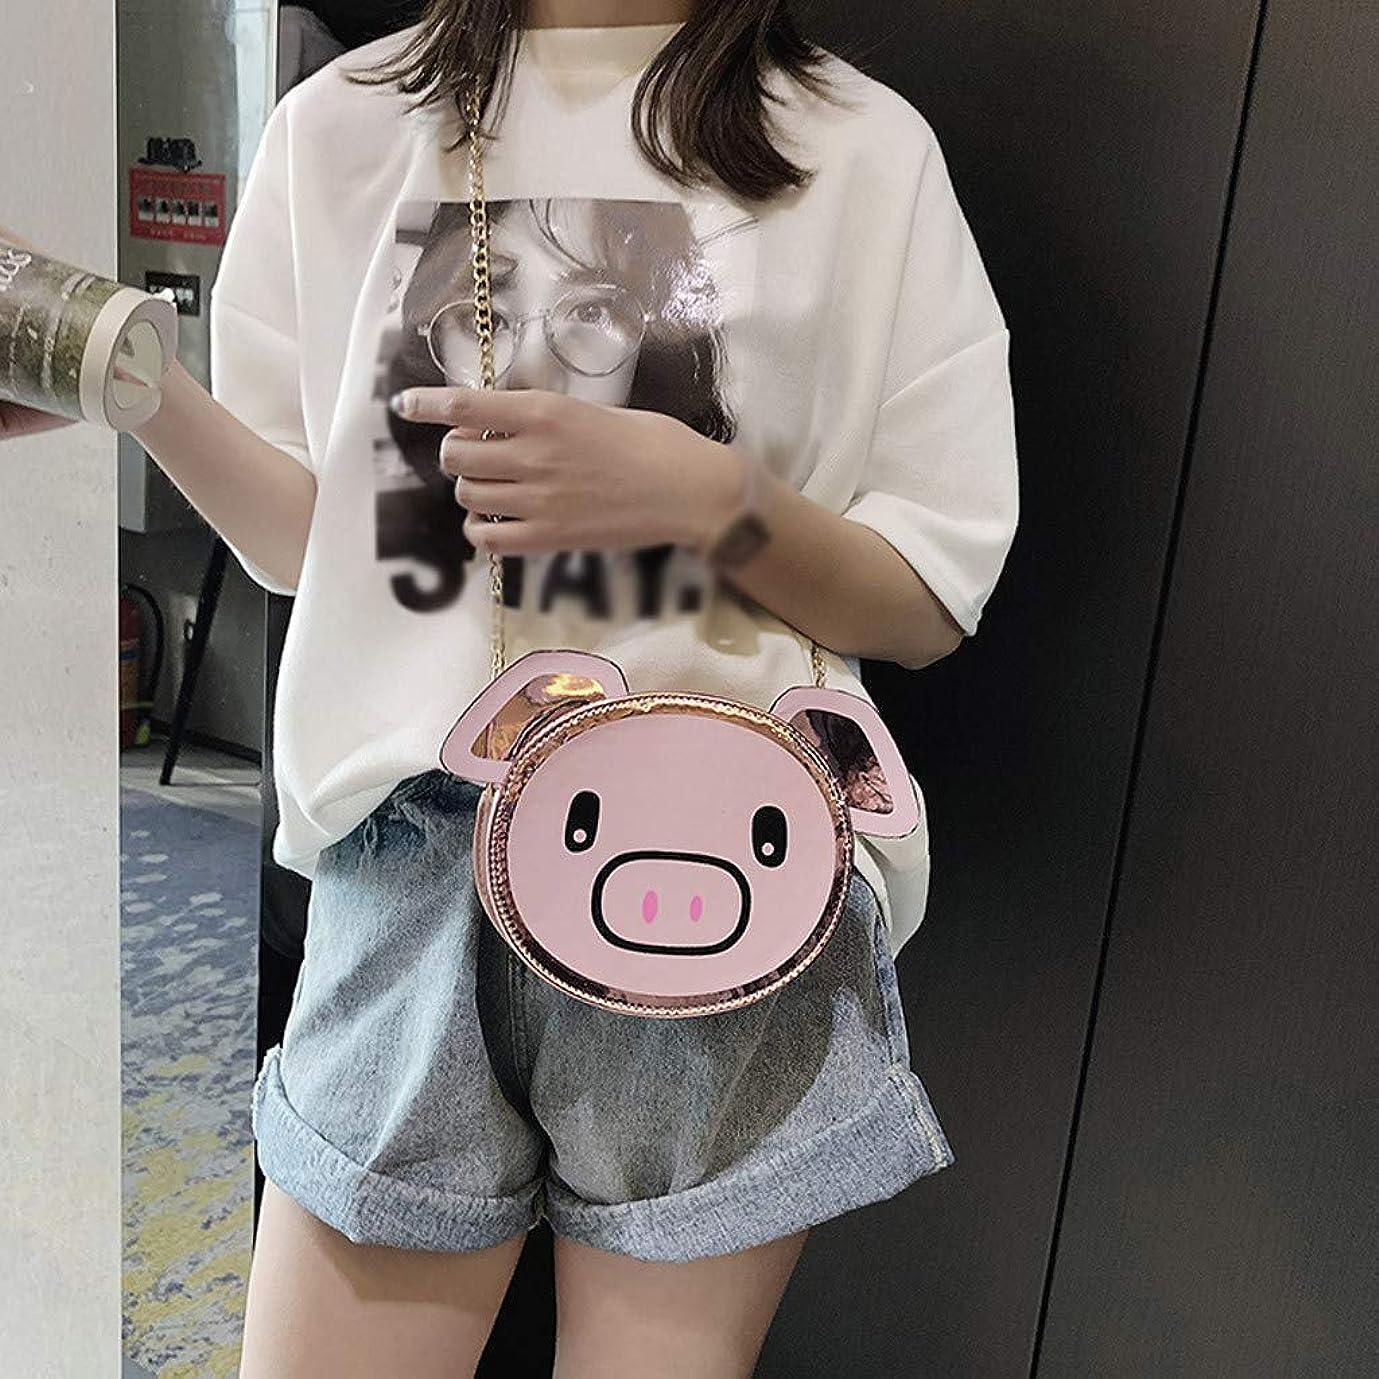 目の前のムス失速ファッション女の子革チェーン野生のかわいい漫画豚肩メッセンジャーバッグ、女の子チェーン野生のかわいい豚肩メッセンジャーバッグ (ピンク)